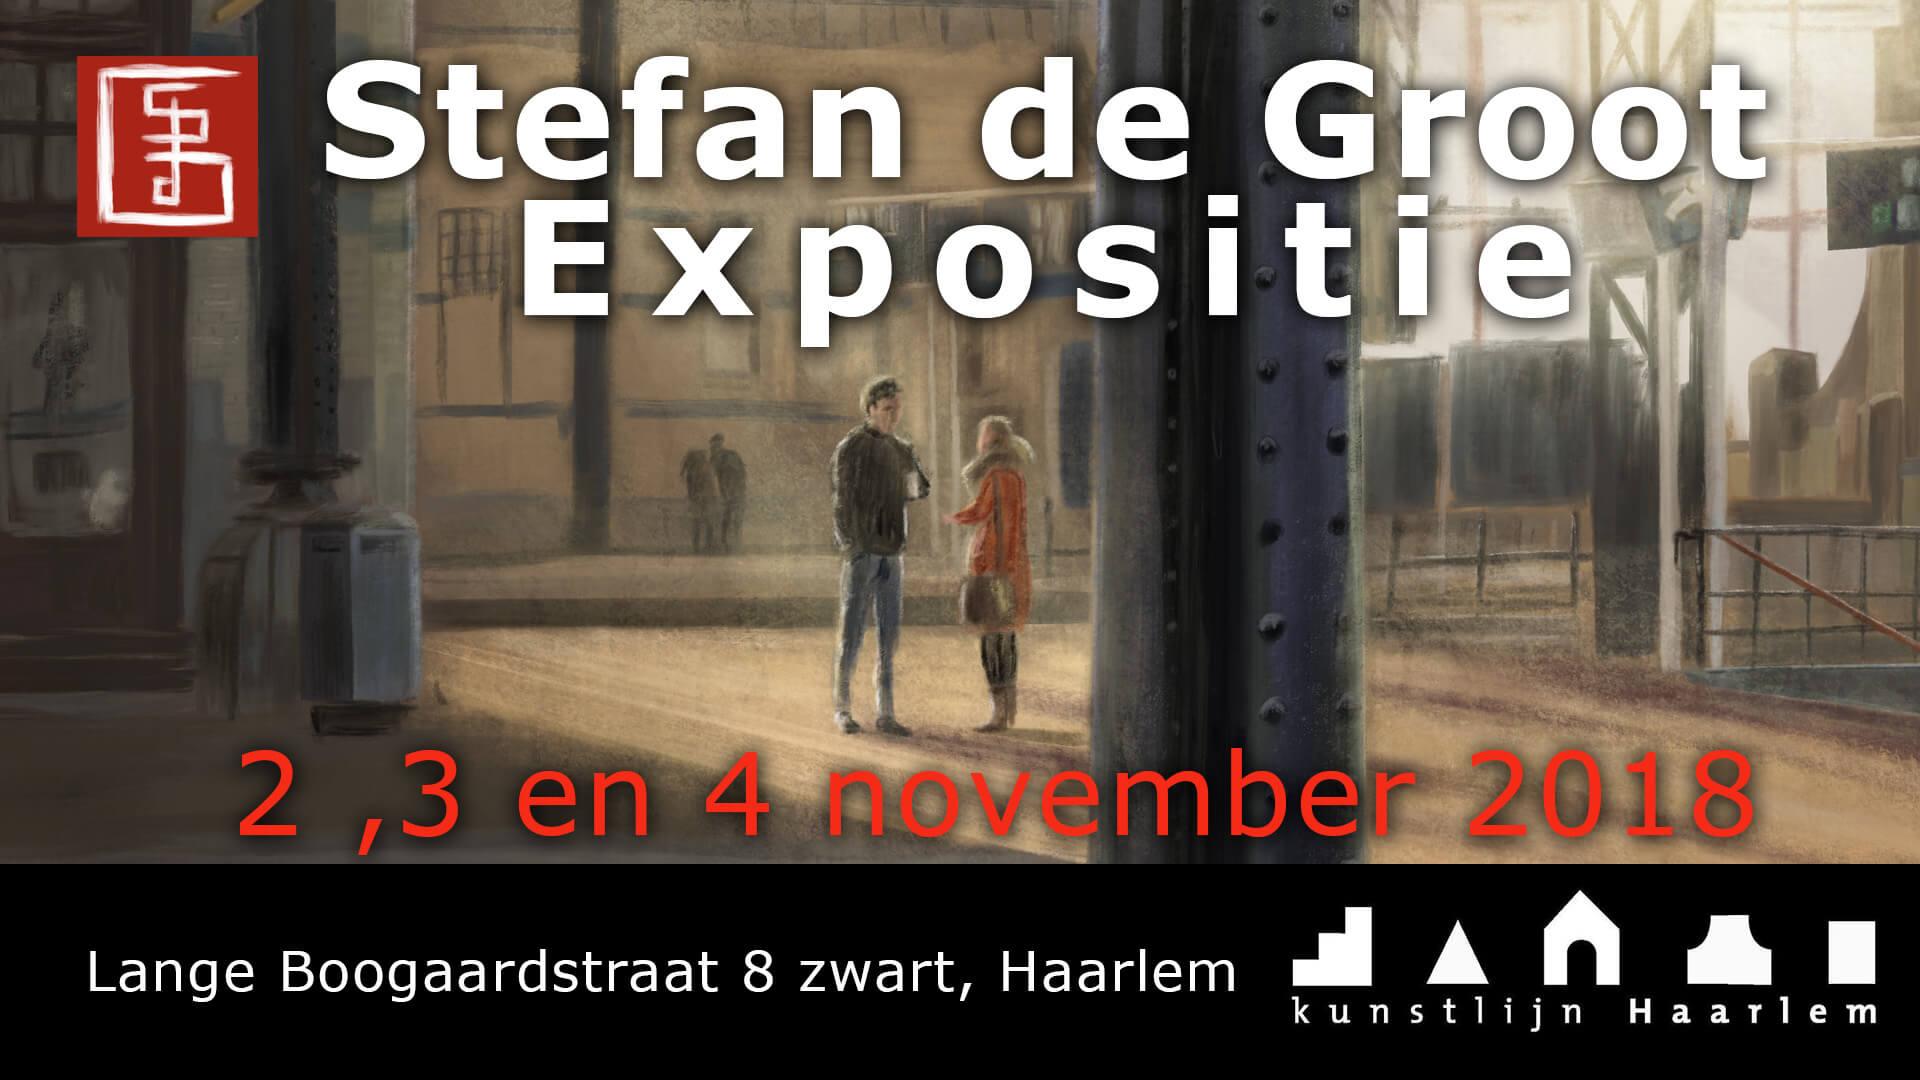 Stefan de Groot Expositie Kunstlijn 2018